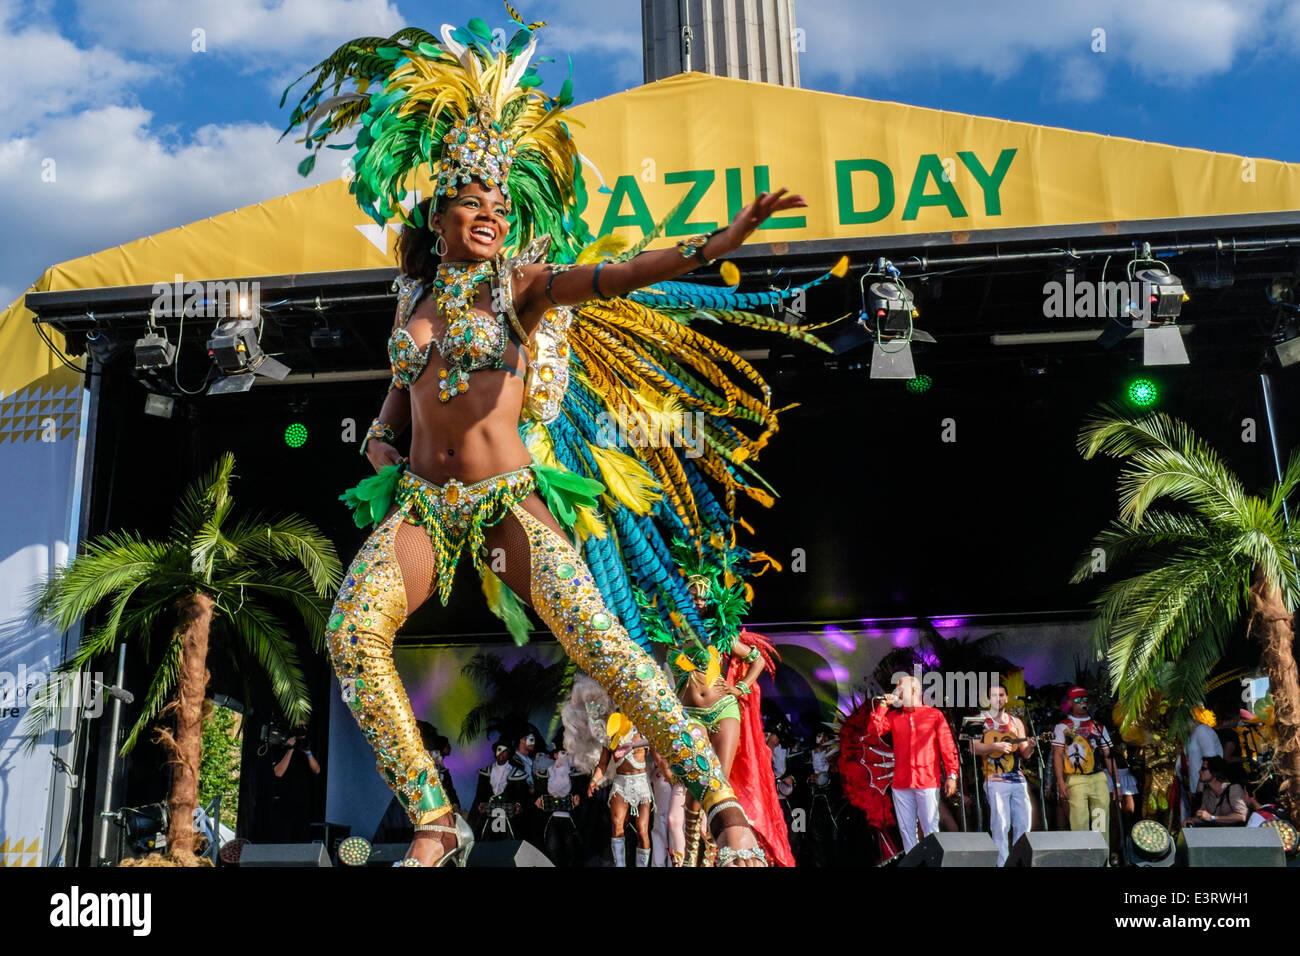 Bailarines de Paraiso escuela de samba realizar en el escenario del Festival del Día de Brasil en Trafalgar Imagen De Stock